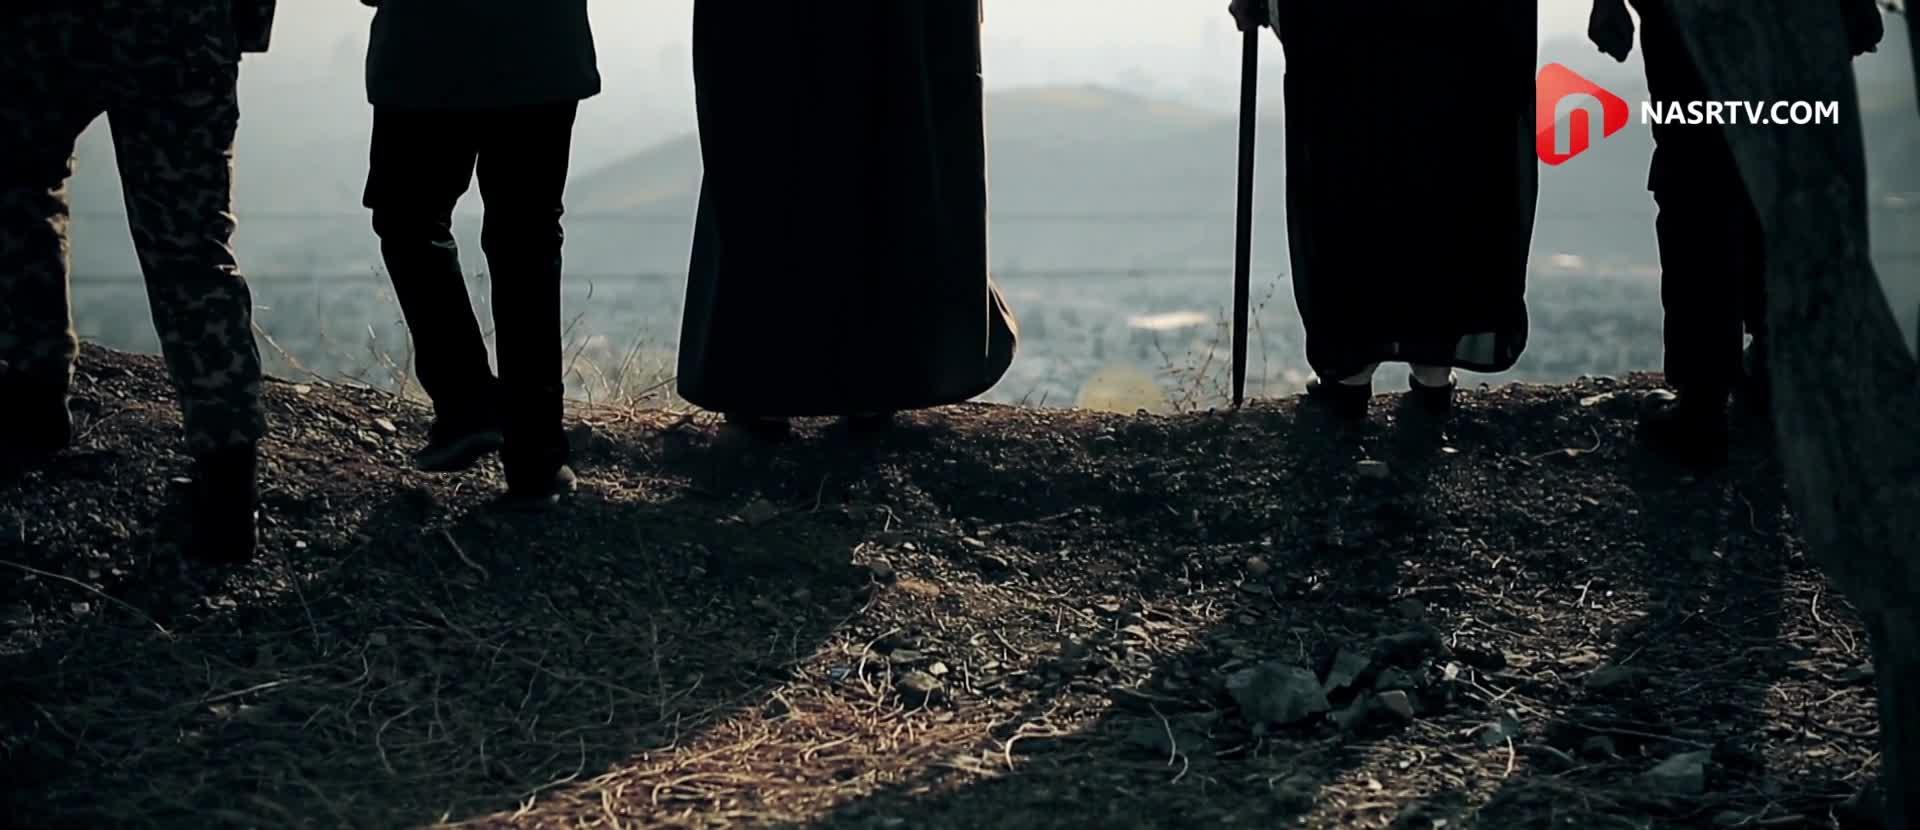 زیباترین دیالوگ امام-آقا و شهدا درمورد ادامه انقلاب